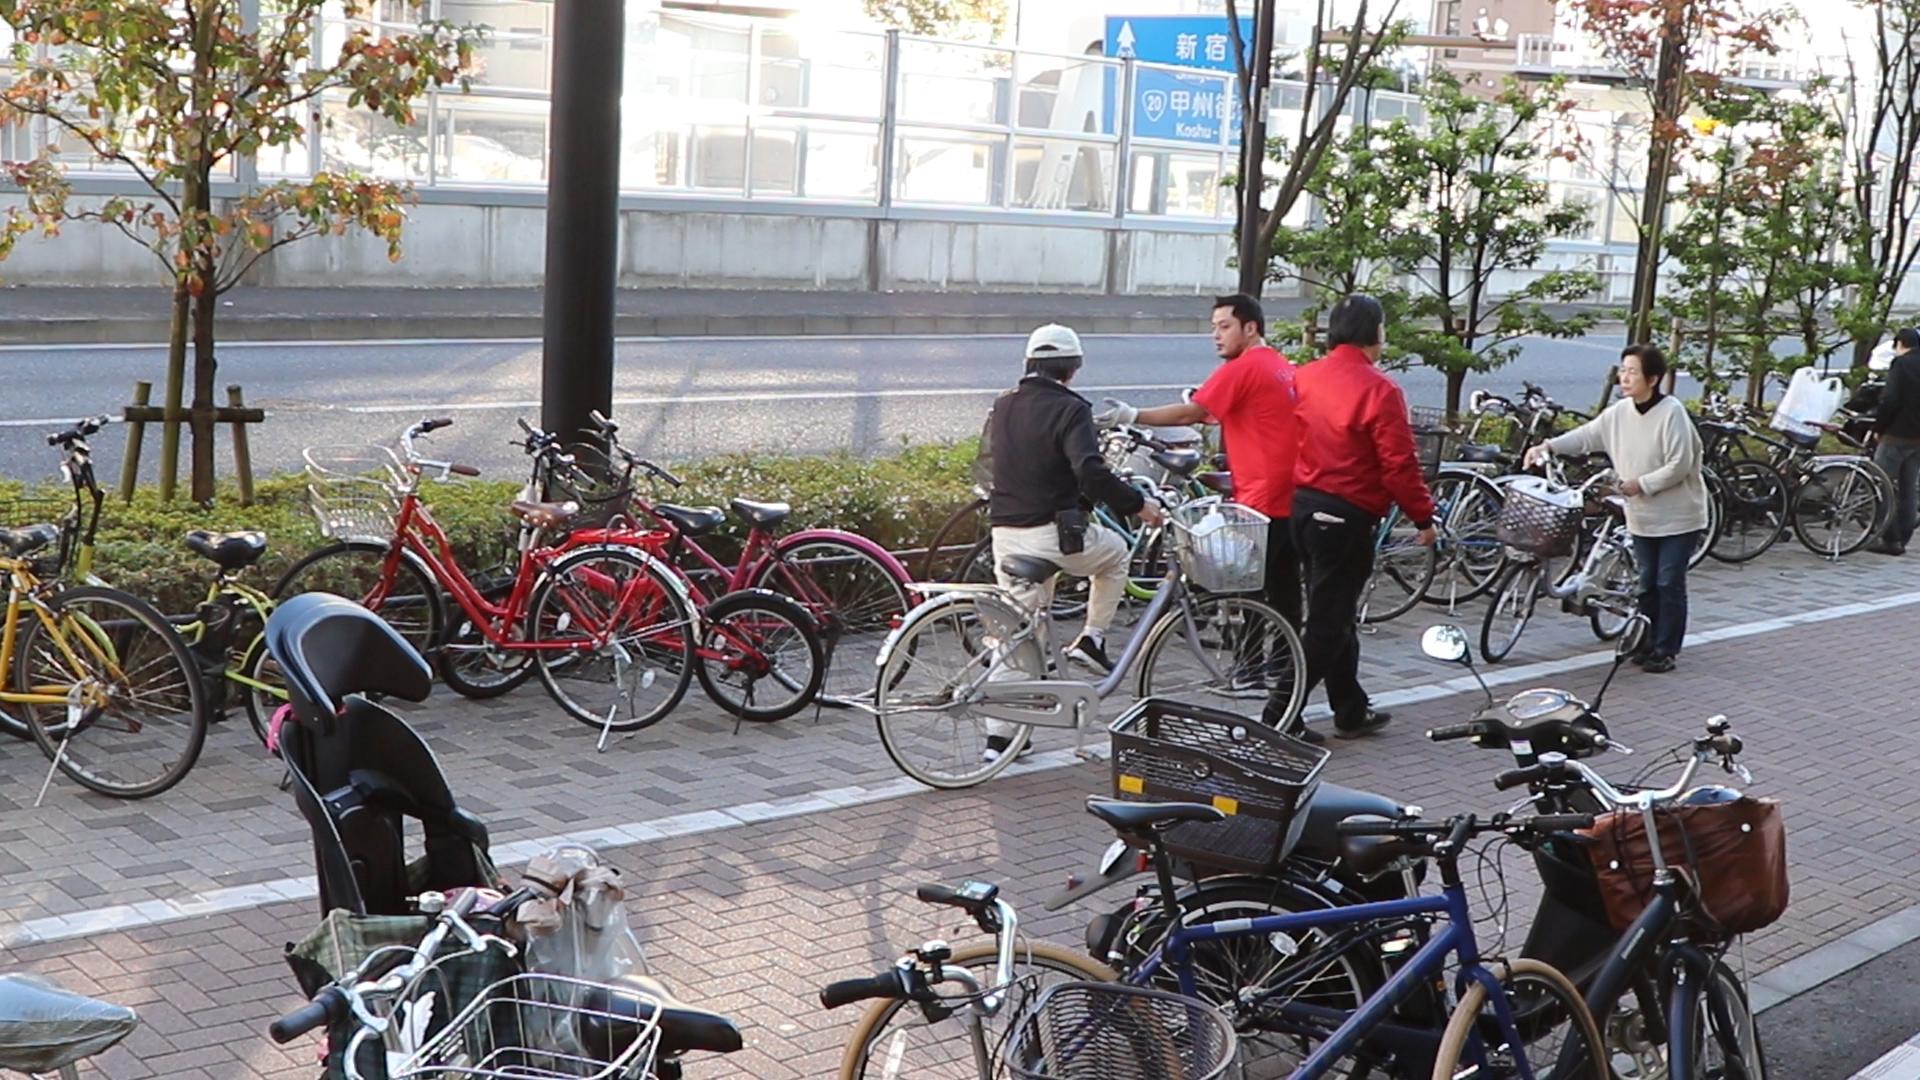 トモトシ_tomotosi_カラーパーキング_Color Parking3